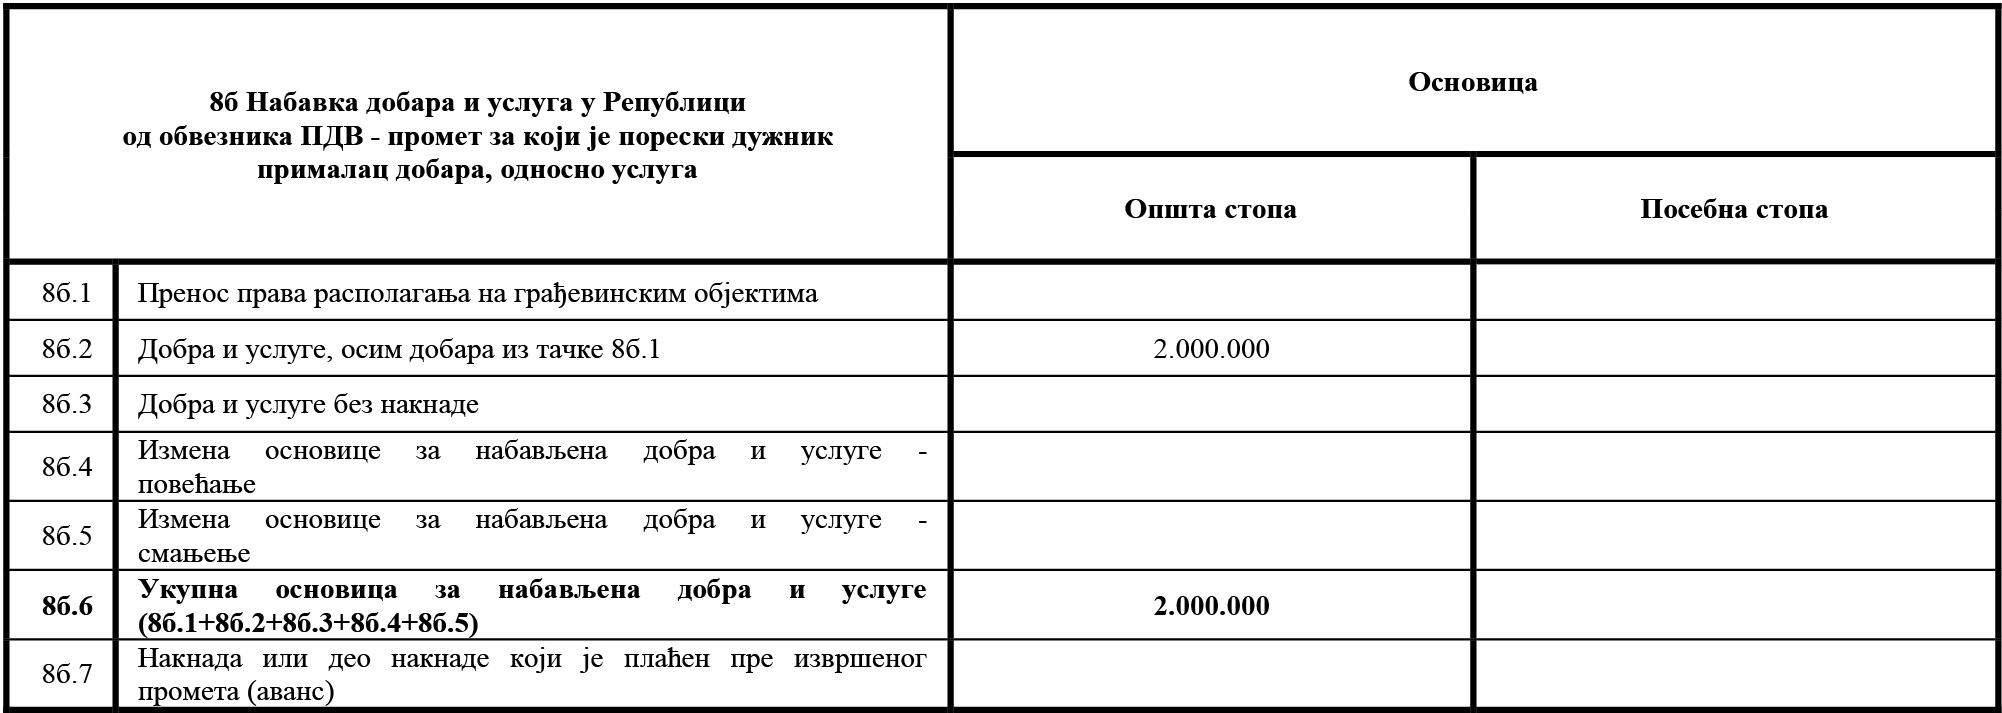 uputstvo PU obrazac POPDV primer 96